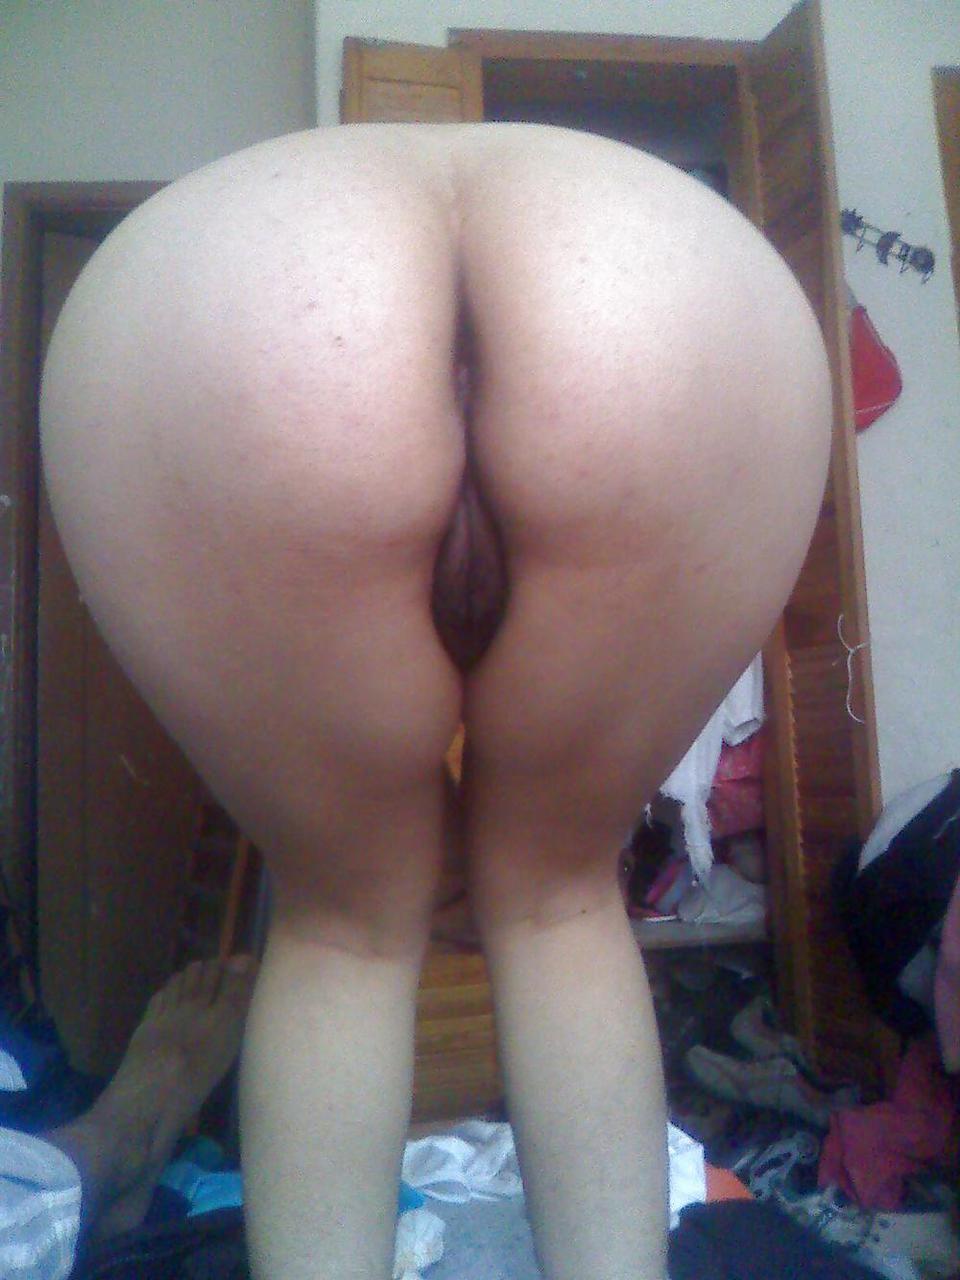 Sex girl arab ass